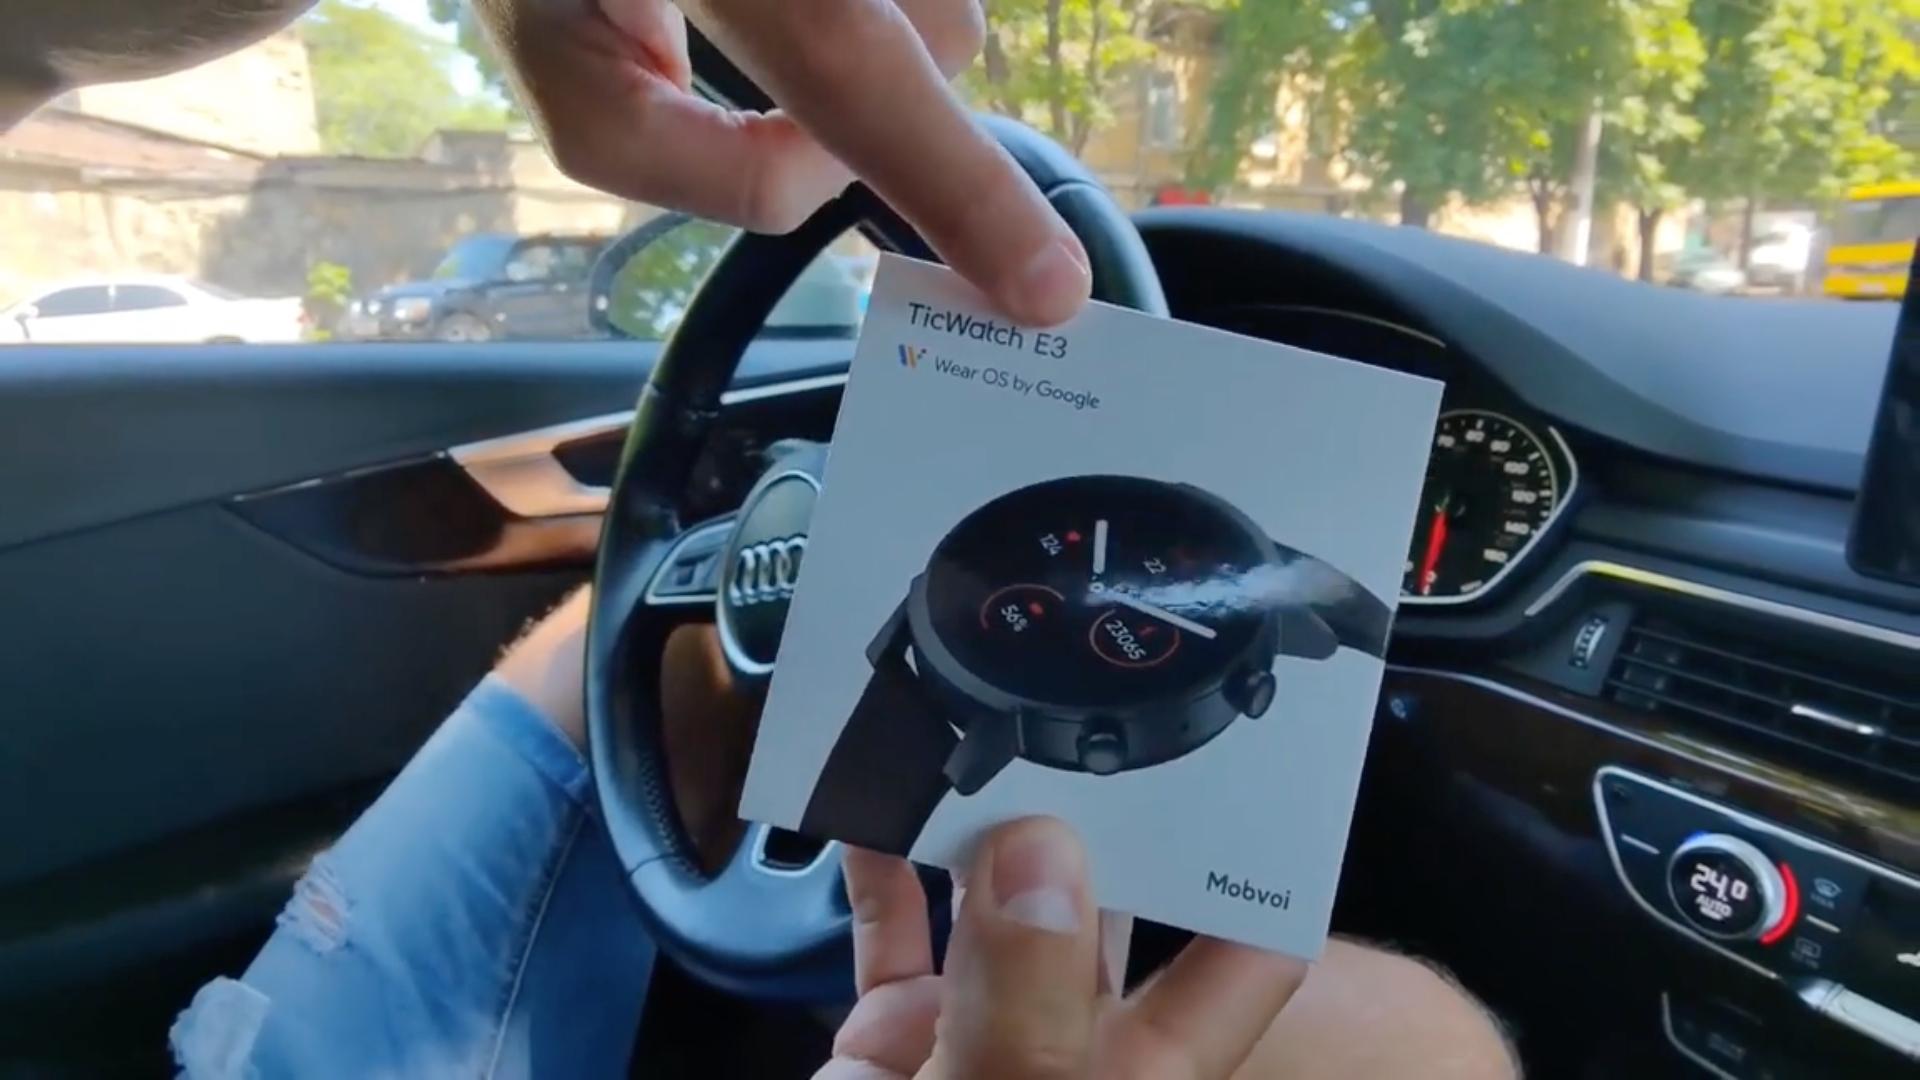 Mobvoi 16 июня представит бюджетные смарт-часы TicWatch E3 с Wear OS на борту, чипом Snapdragon Wear 4100 и NFC